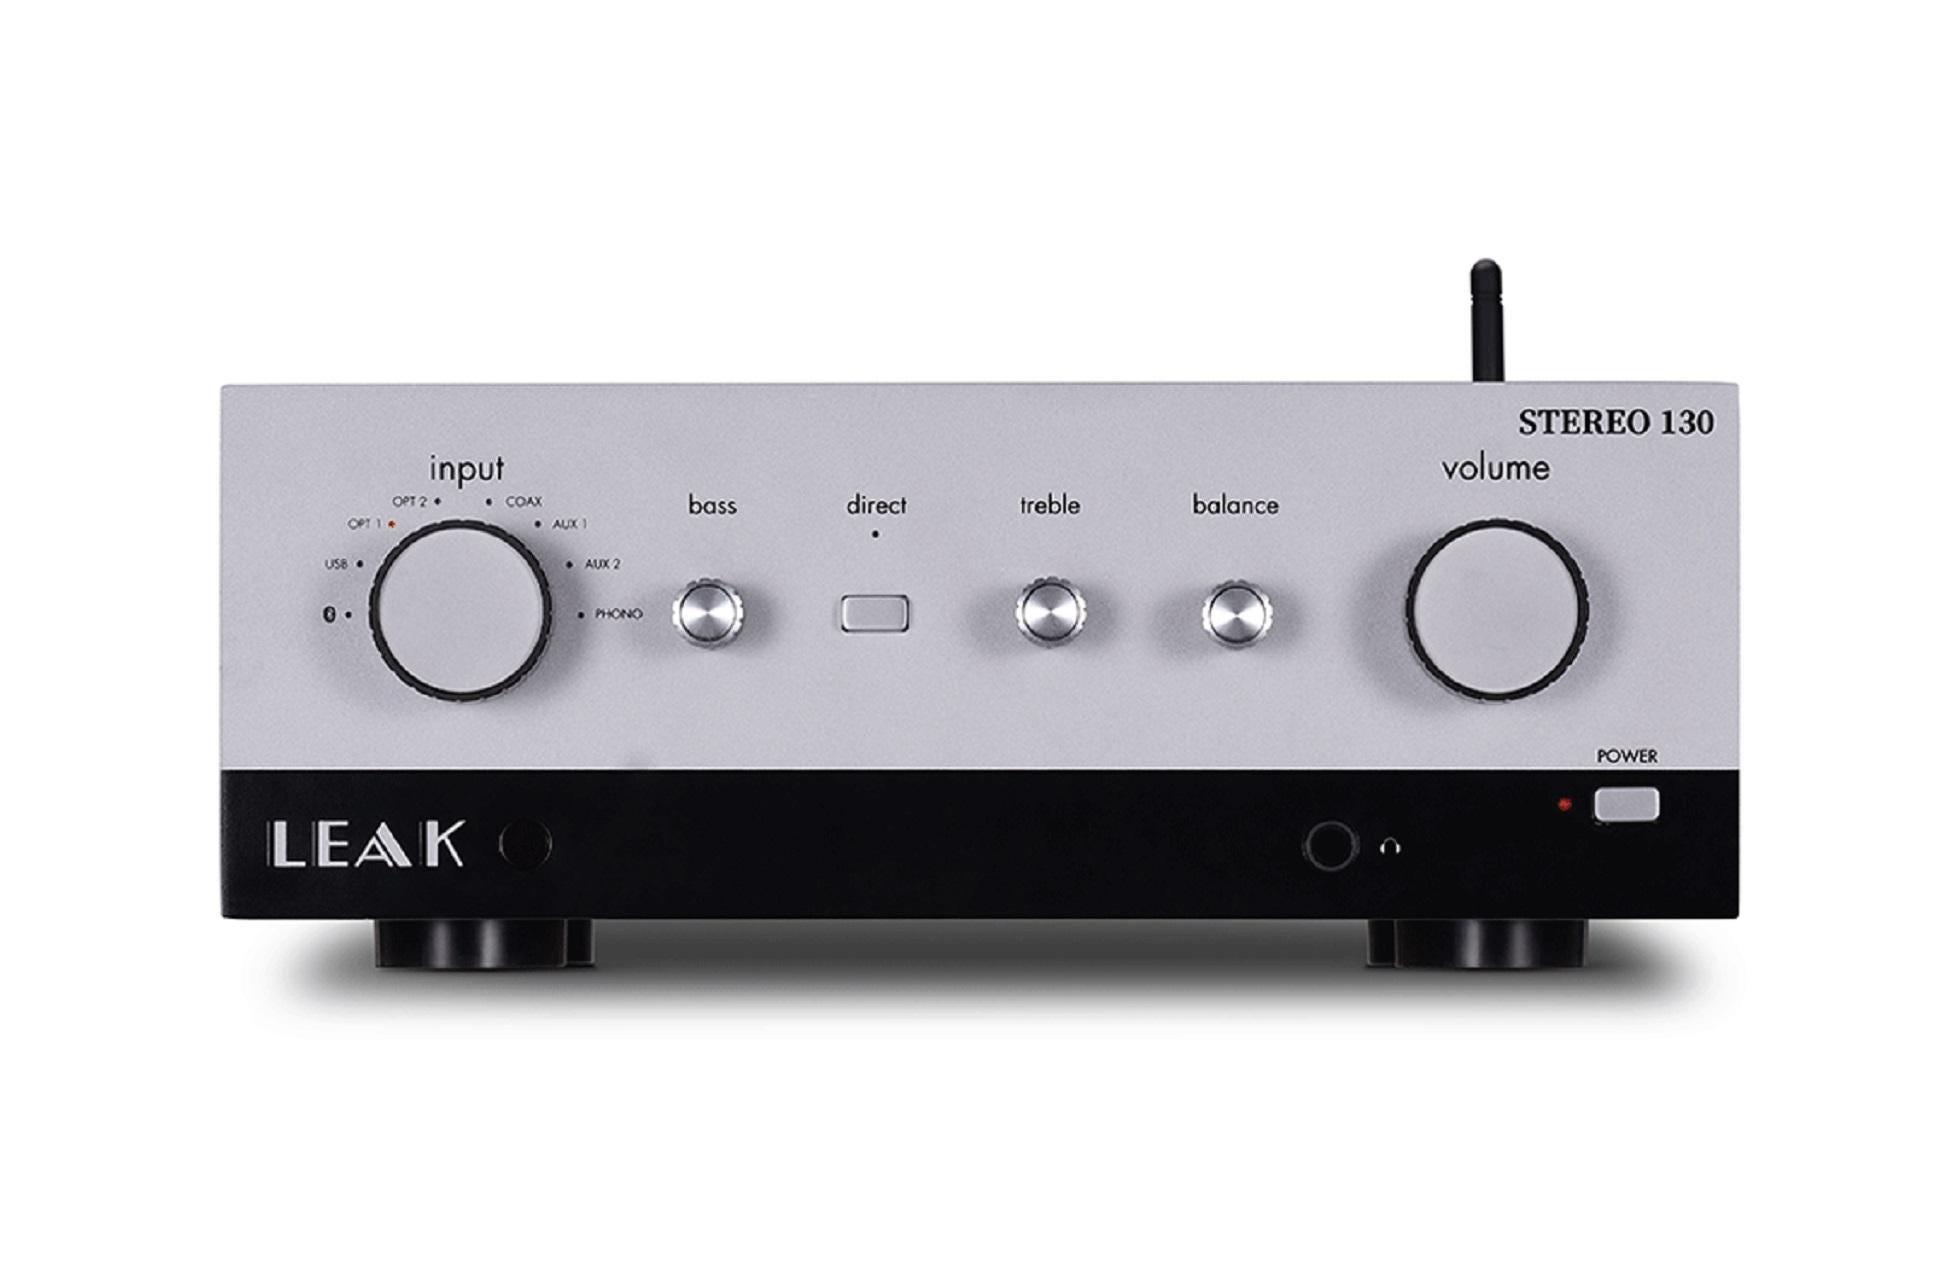 Leak Stereo 130